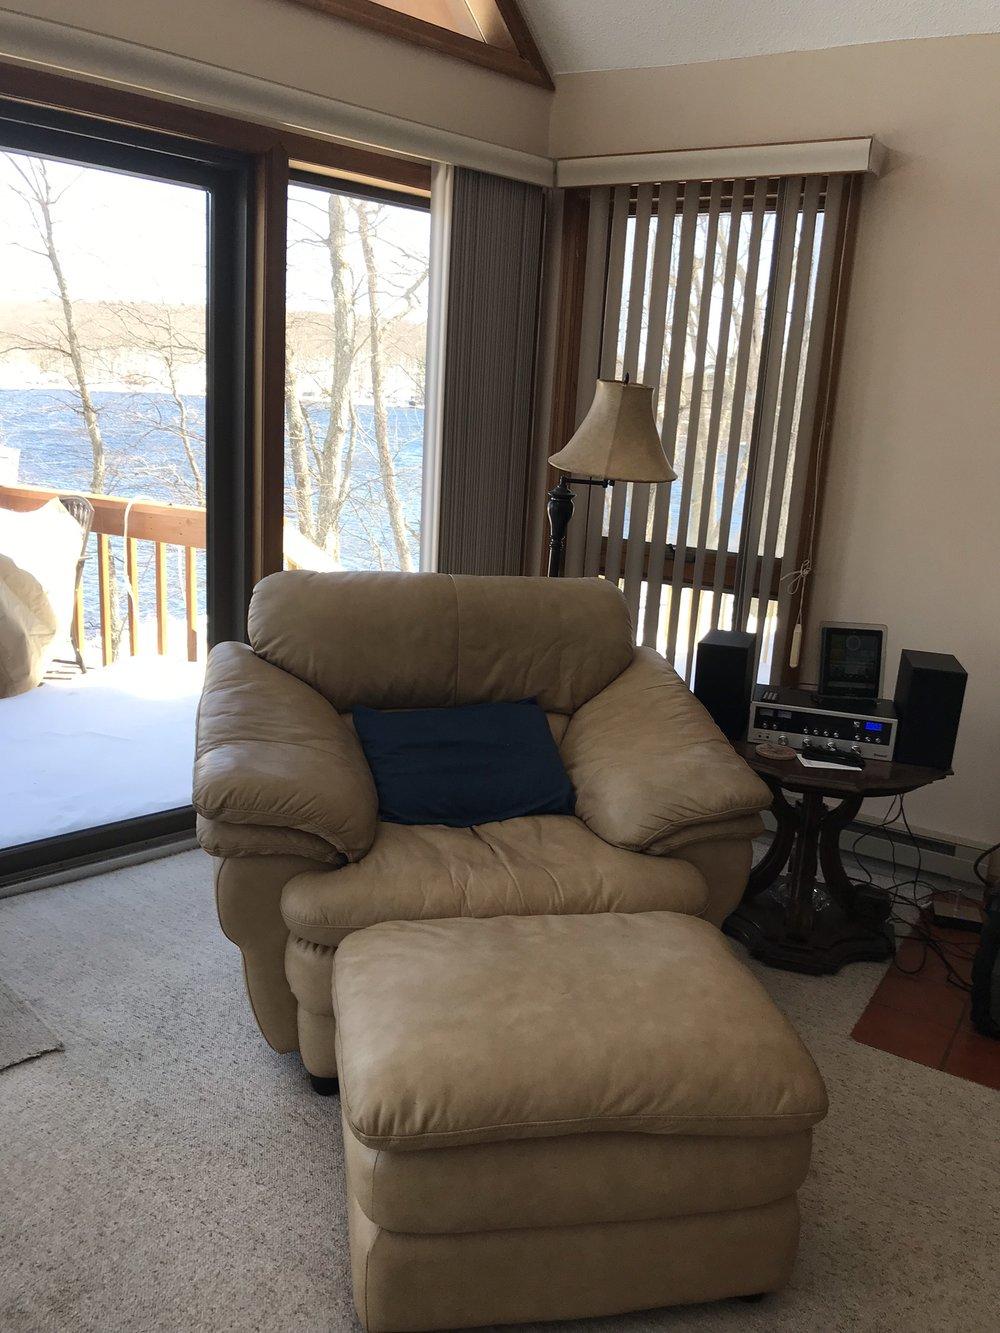 chair in living room.jpg